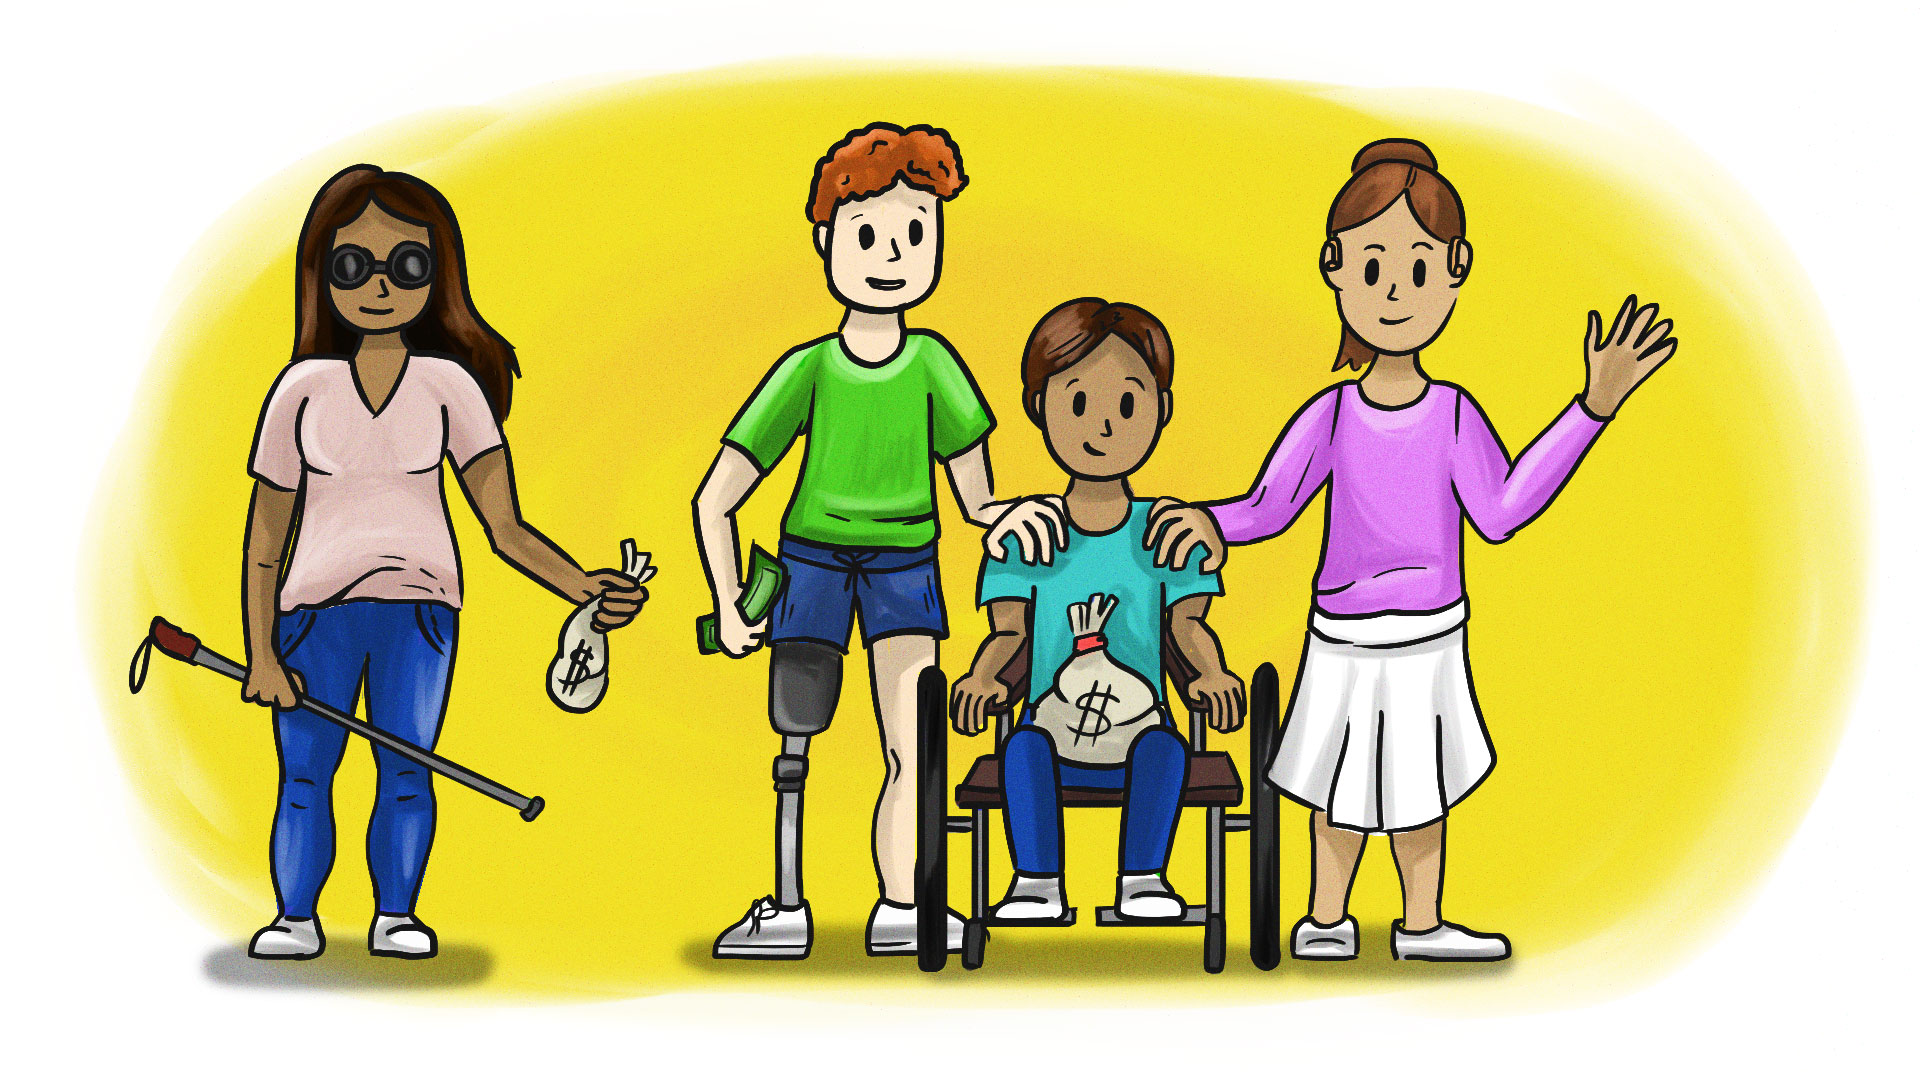 Apoyo para personas con discapacidad 2021